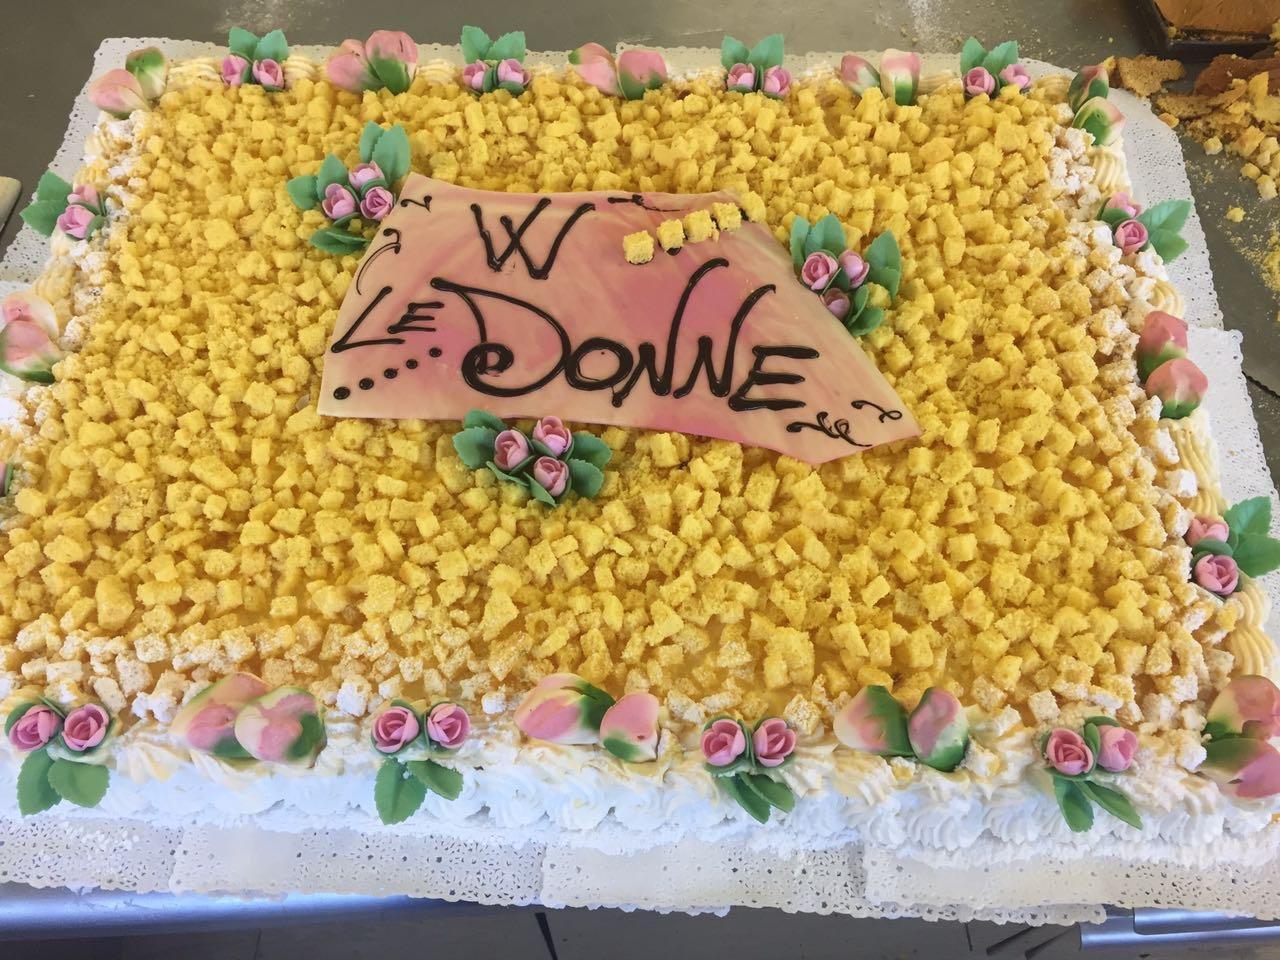 Arte Delle Torte Clementoni Of Torte Personalizzate Dolci Su Ordinazione Pasticceria